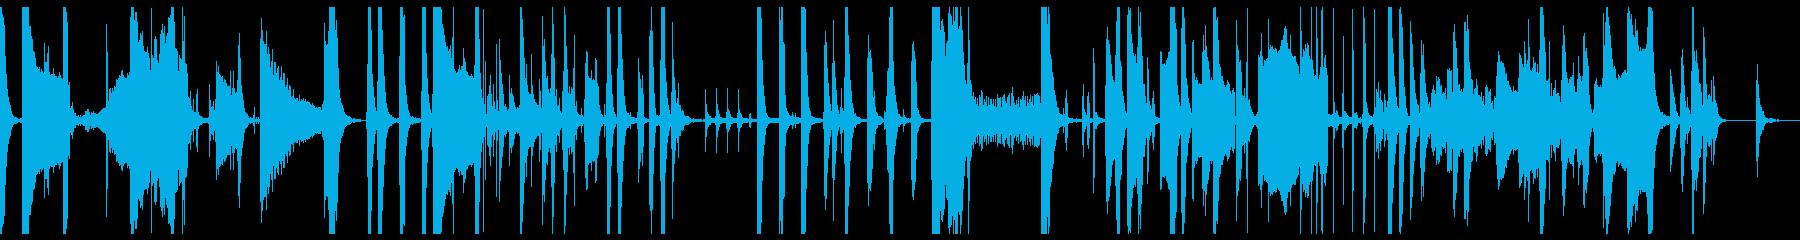 とぼけた感じの少し間の抜けたBGMの再生済みの波形